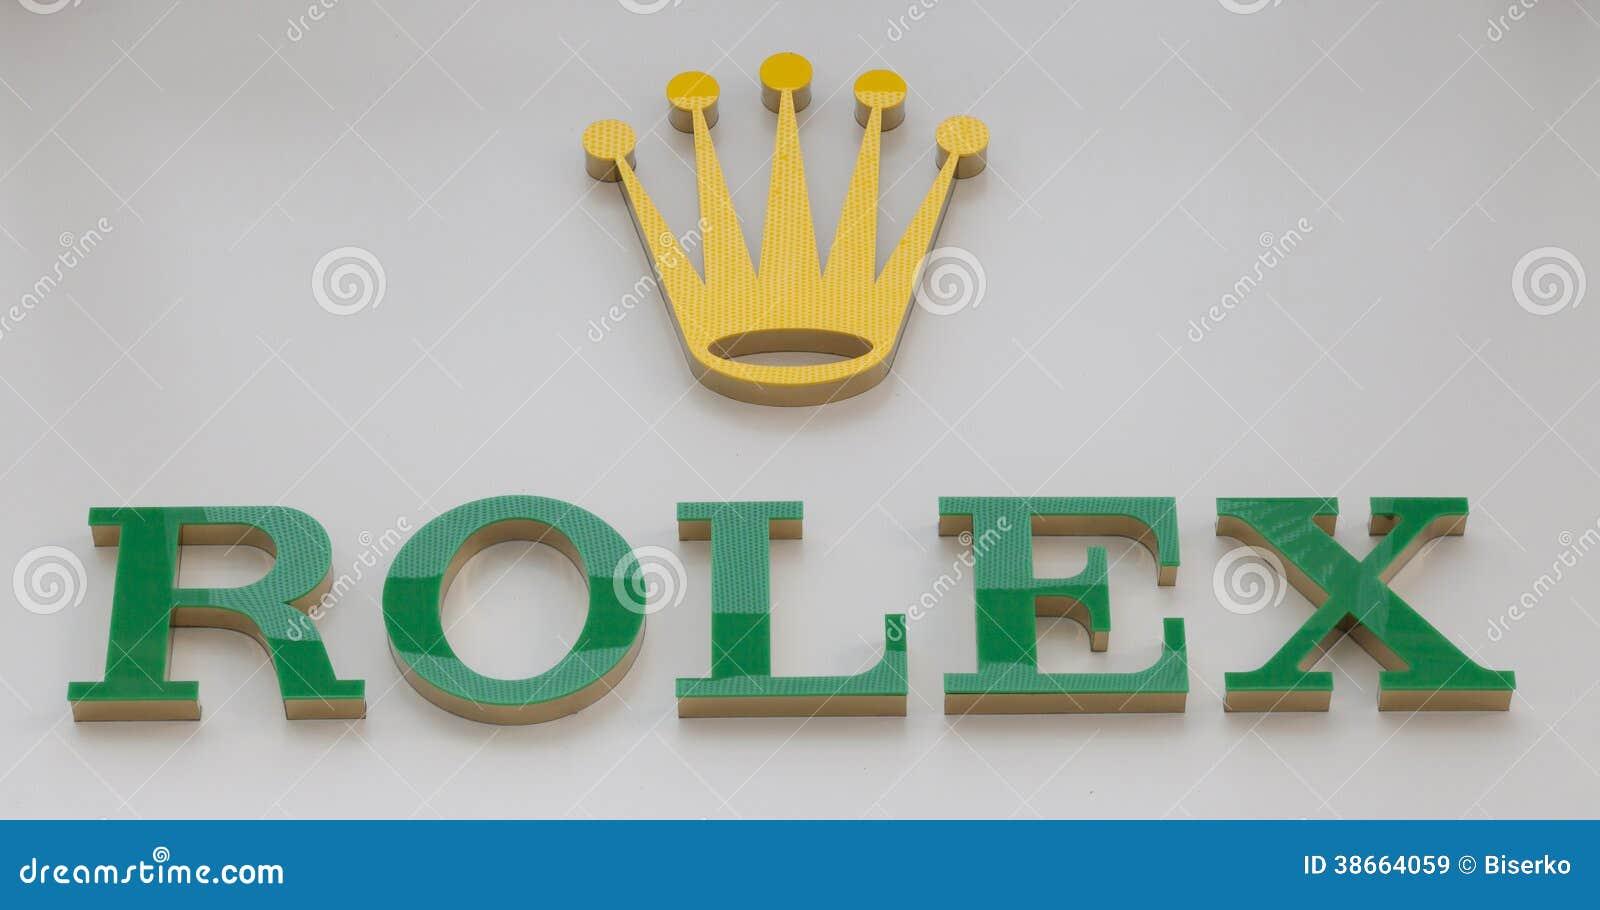 Λογότυπο της Rolex